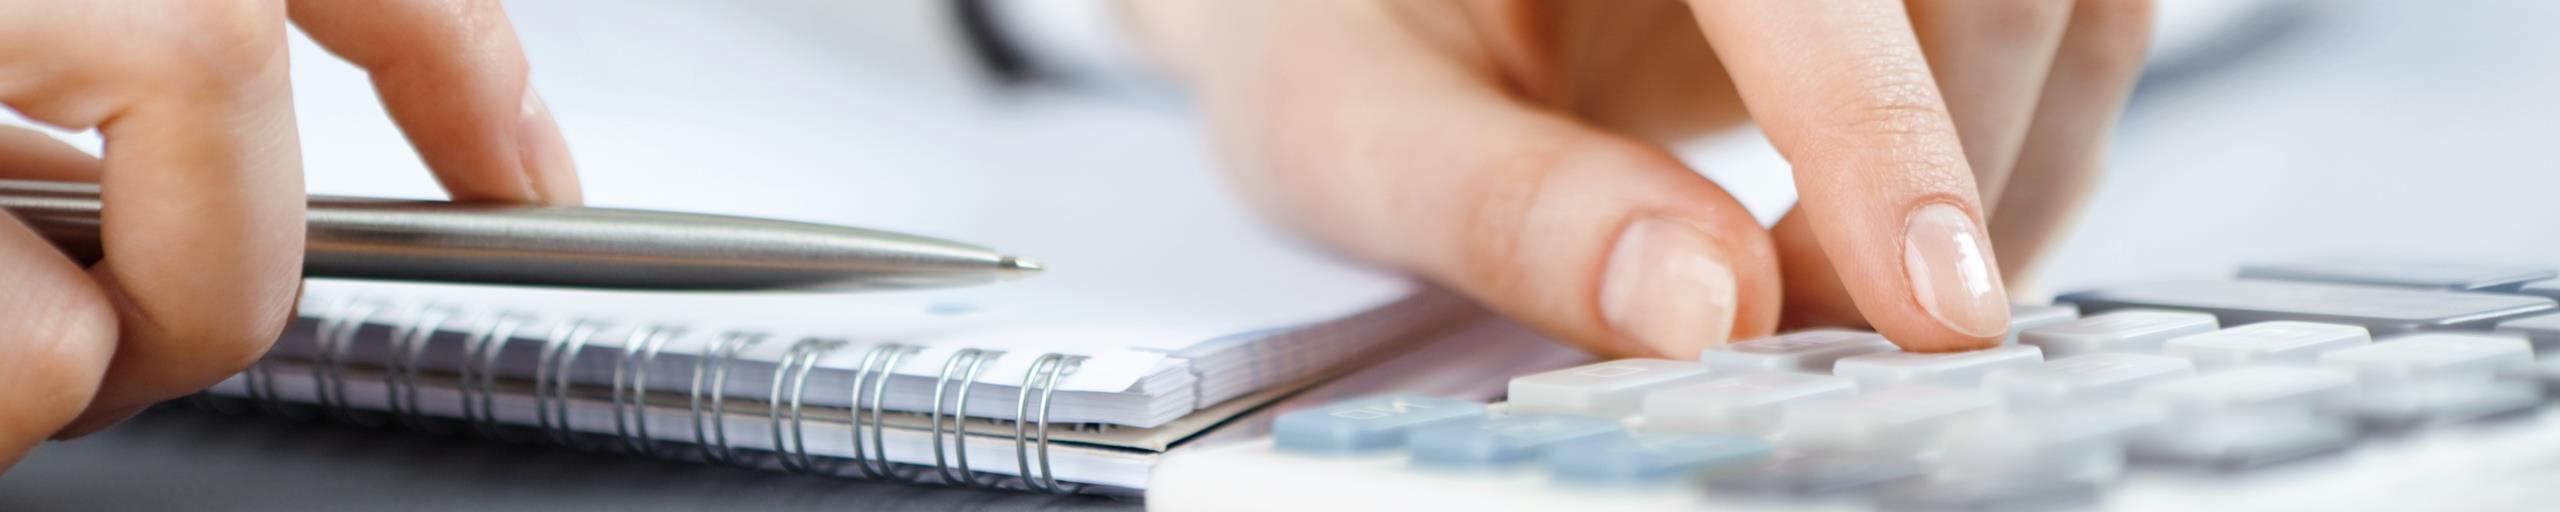 Eine Person benutzt einen Taschenrechner.